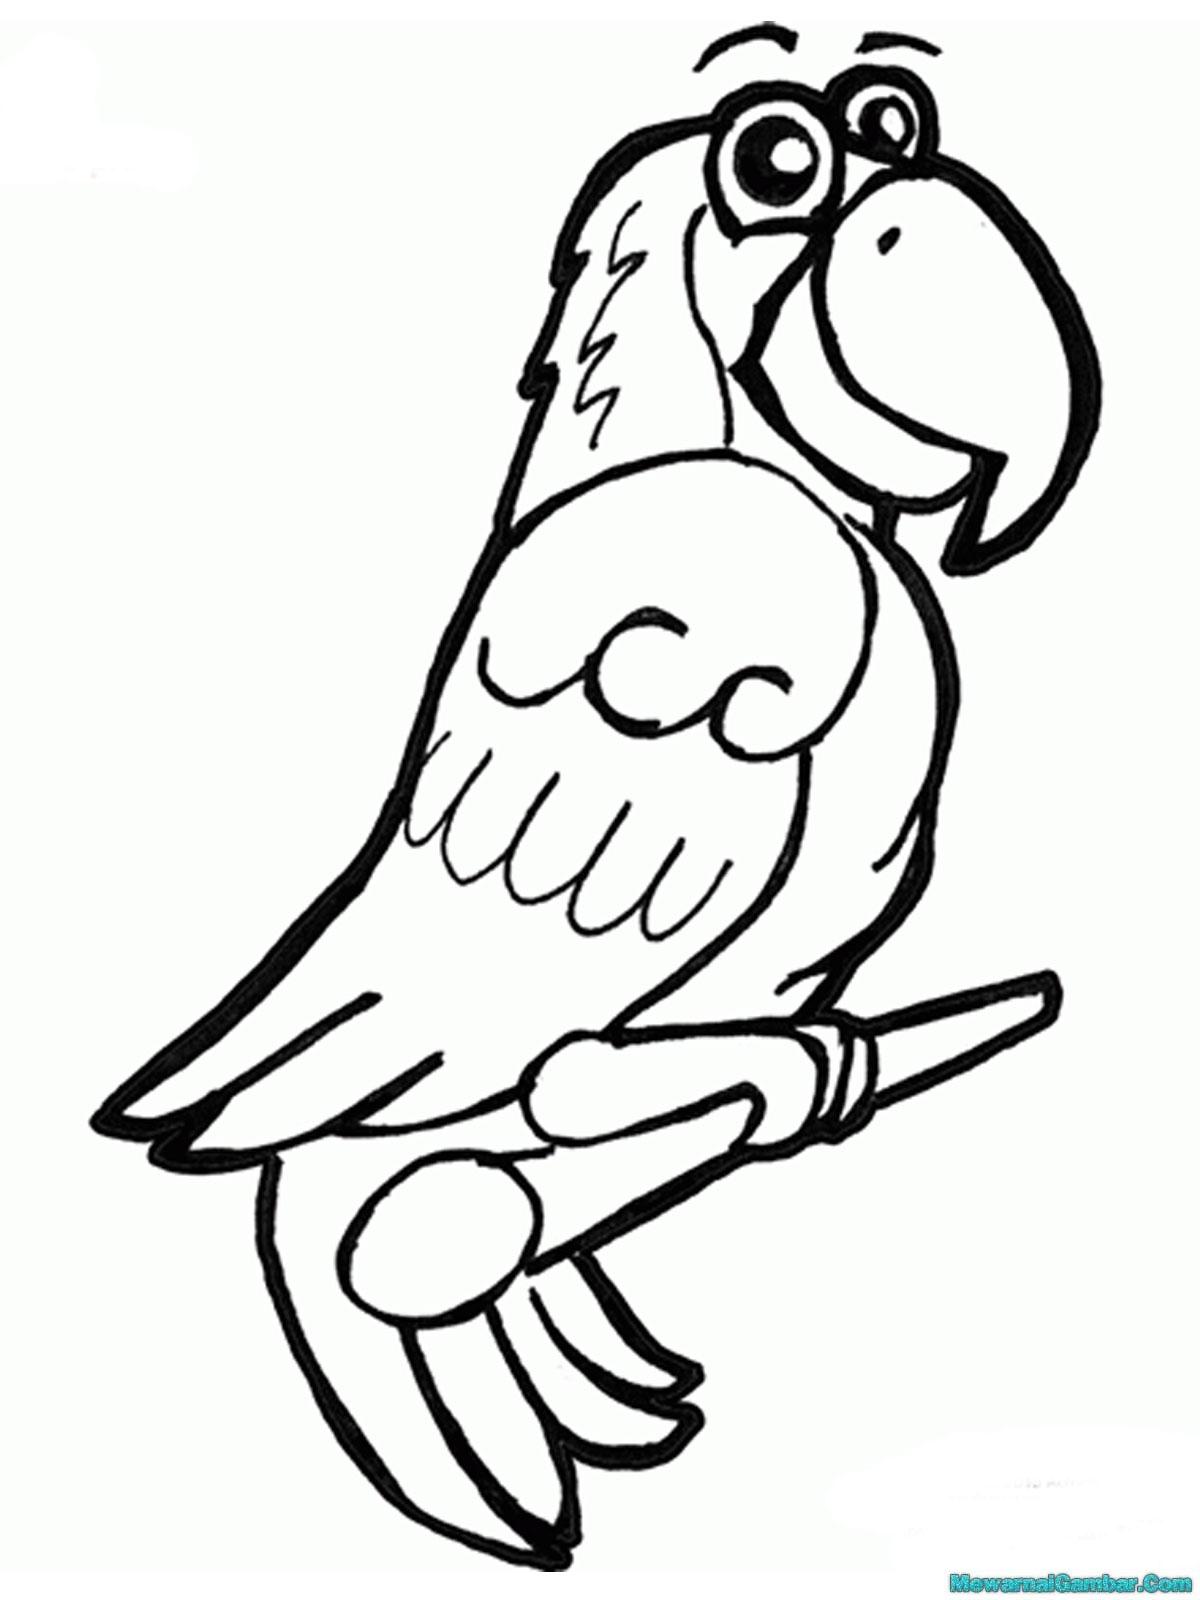 Download 15 Gambar Burung Untuk Diwarnai Lembar Mewarnai